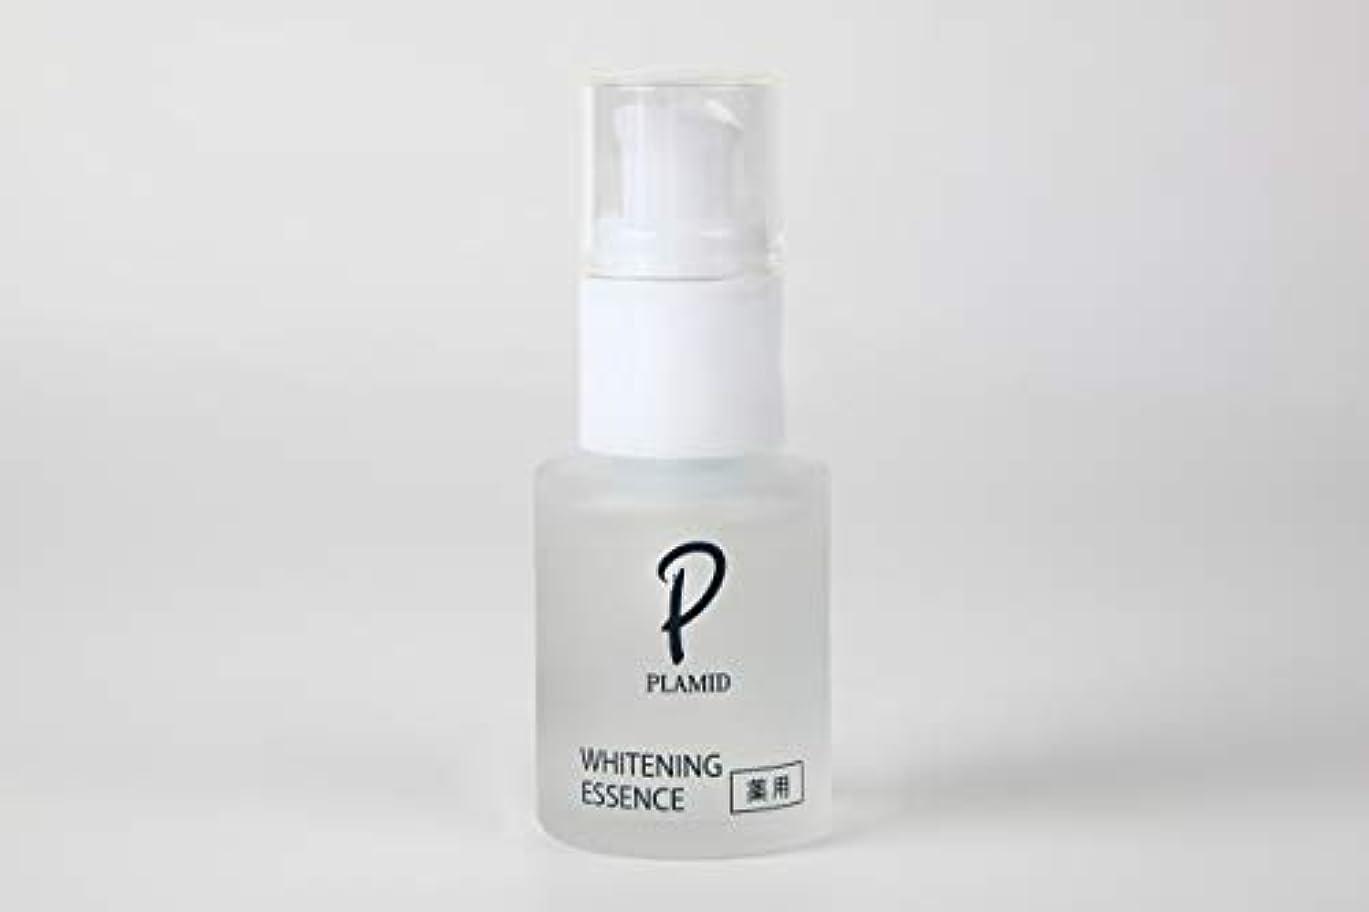 振る舞い批判する時代遅れ【医薬部外品】PLAMID プラミドホワイトニングエッセンス(30mL)プラセンタエキス、アルブチン、グリチルリチン酸2K配合